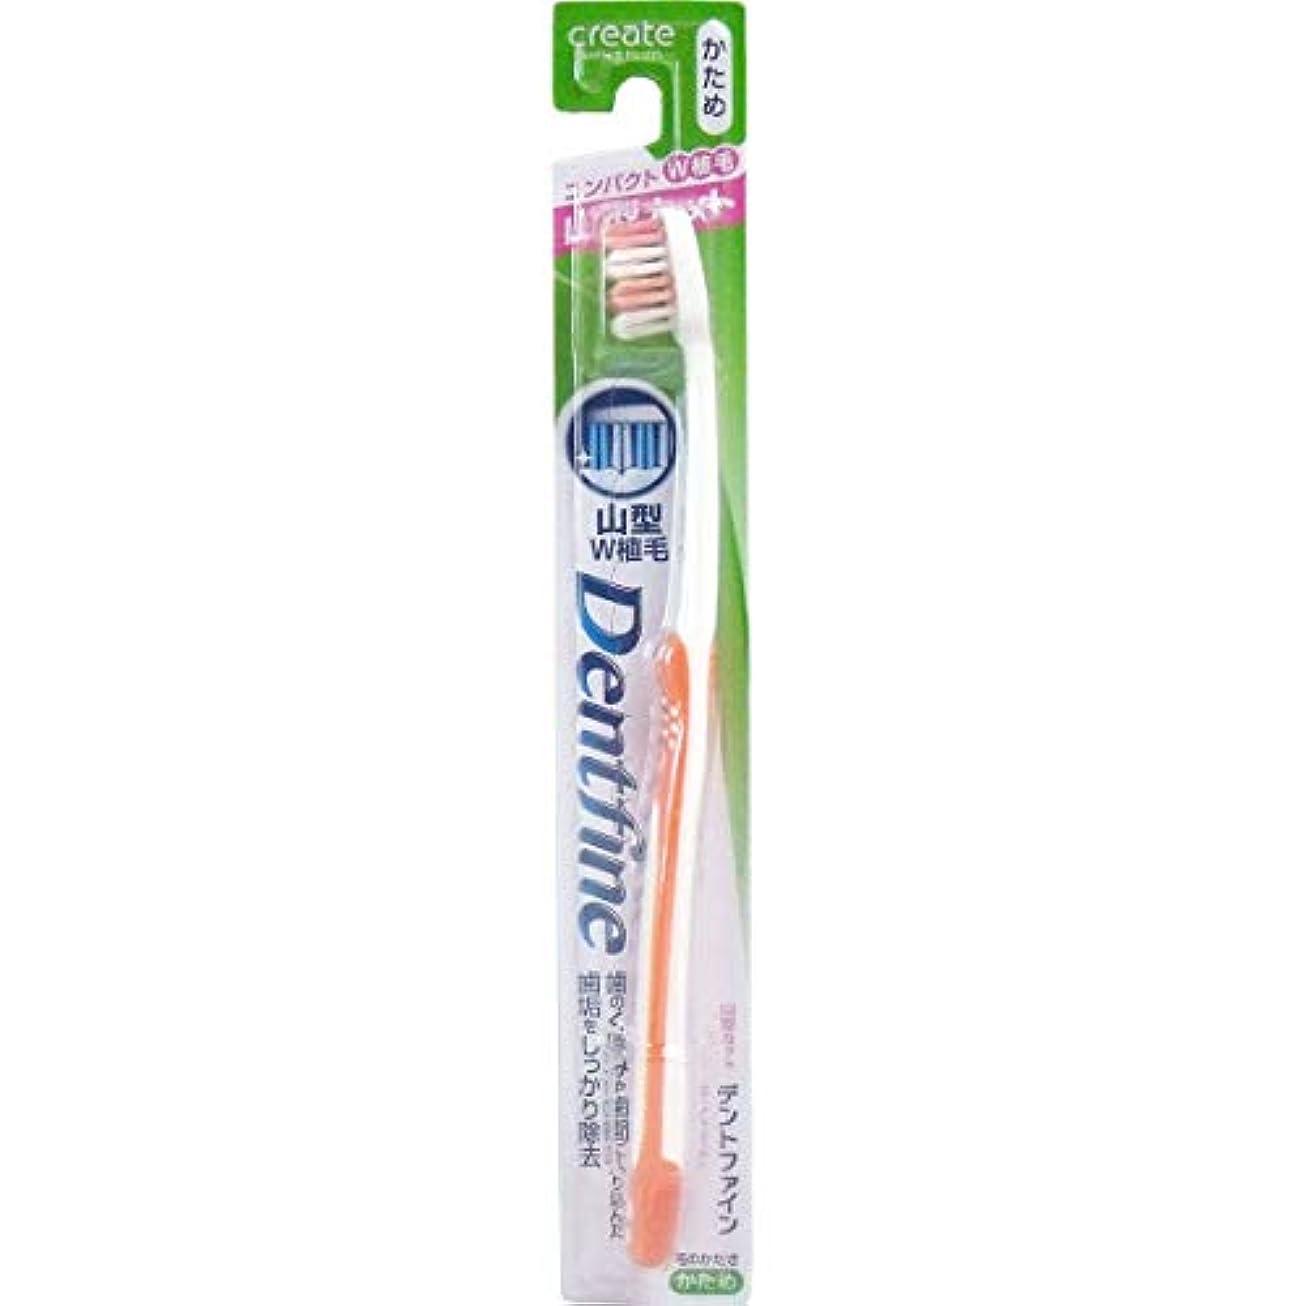 大工鳴らす子デントファイン ラバーグリップ 山切りカット 歯ブラシ かため 1本:オレンジ